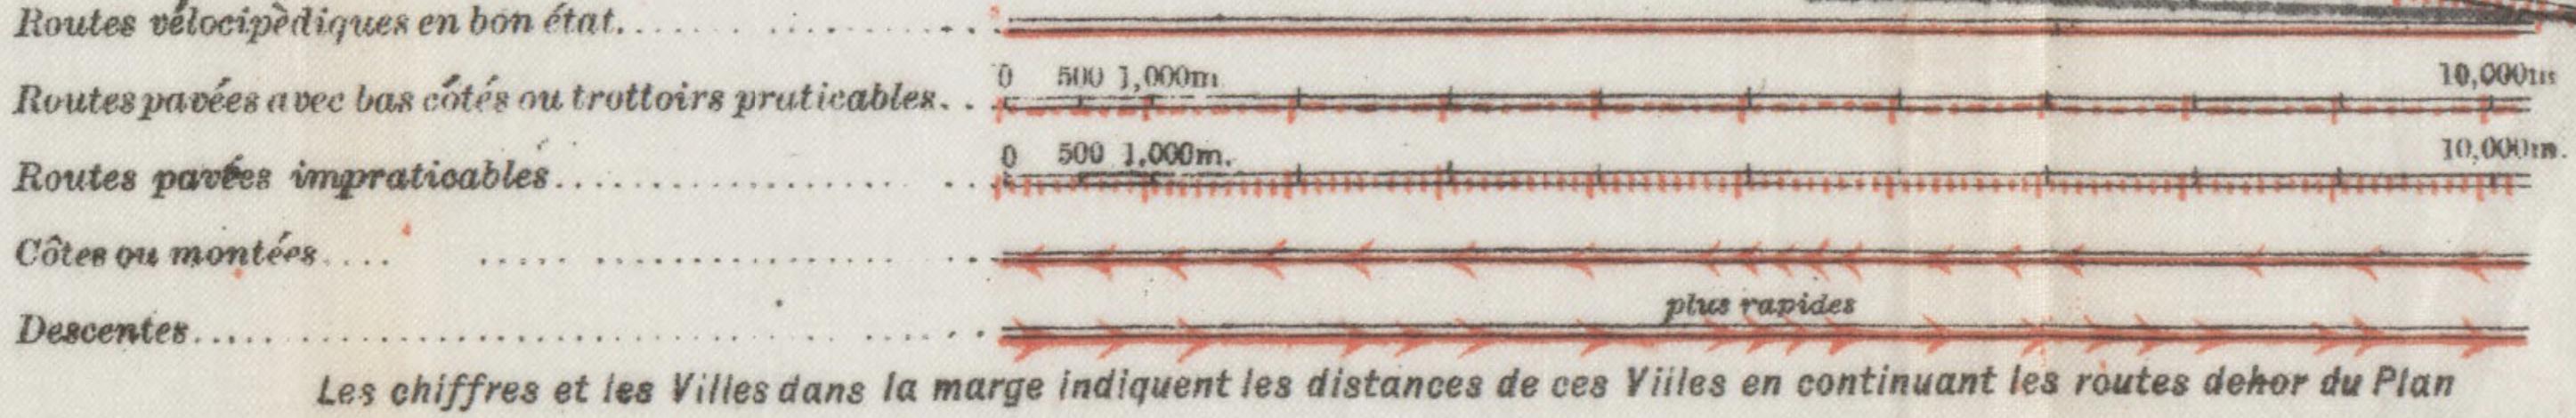 Légende de la carte Plan vélo des environs de Paris (Fin du 19iéme siècle - 1893) sur HARVARD Library